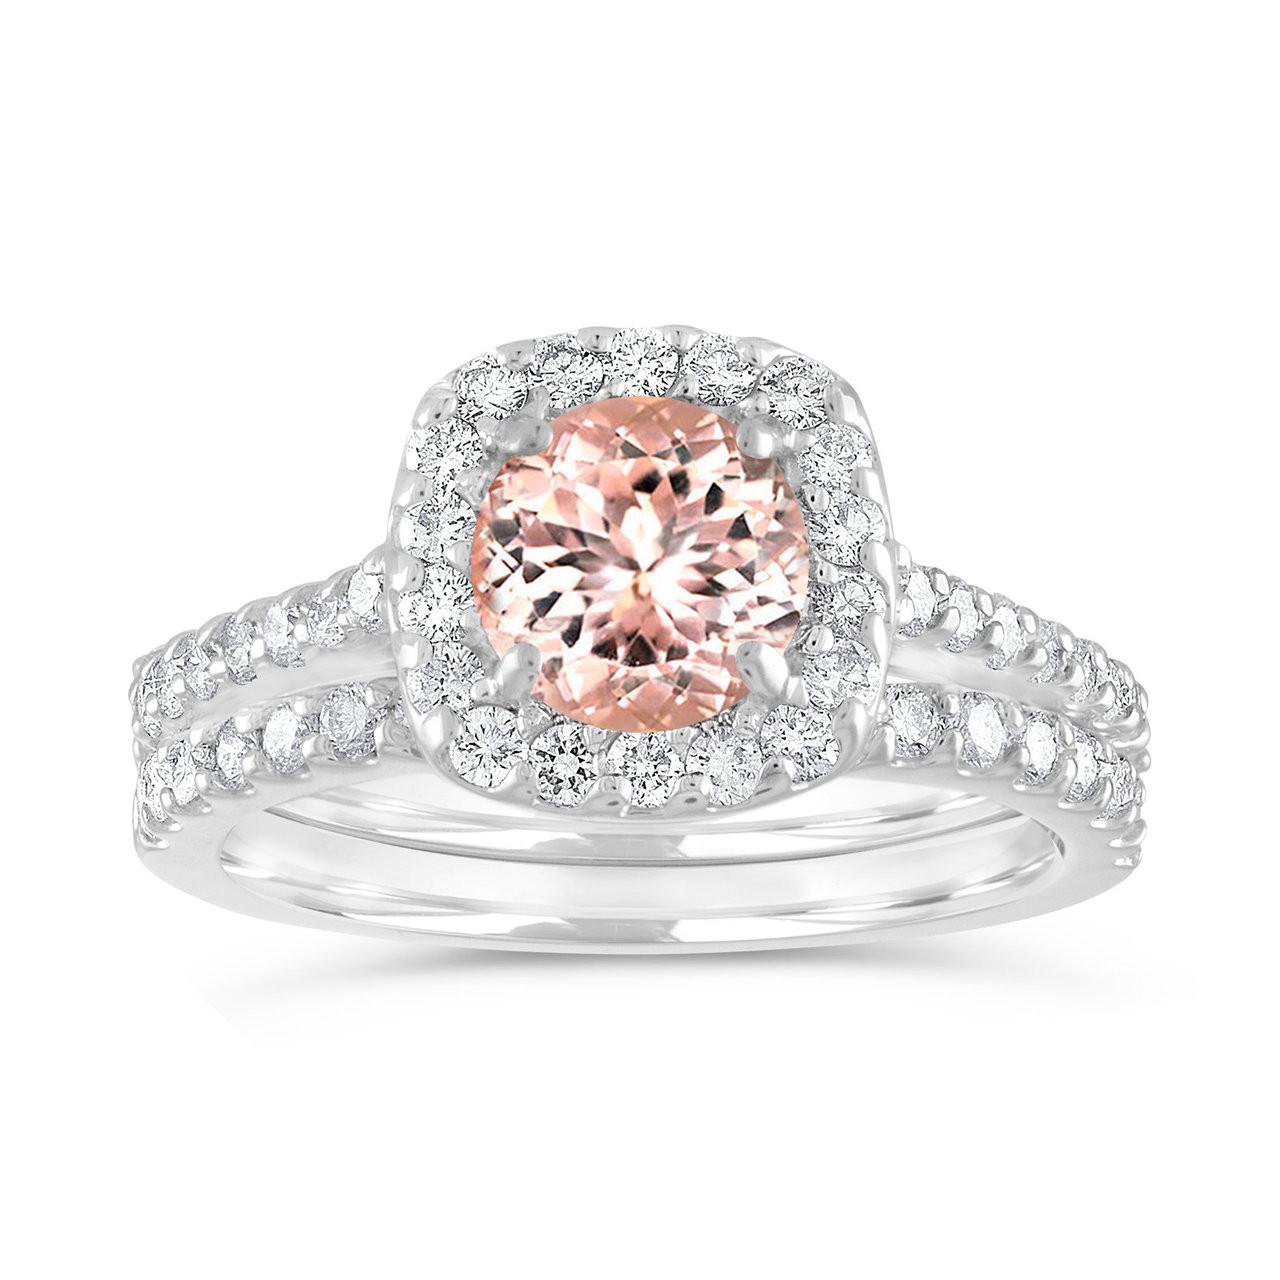 Morganite Wedding Set.Morganite Engagement Ring Set Cushion Cut Peach Pink Morganite Wedding Ring Set 14k White Gold Halo Pave 1 76 Carat Certified Handmade